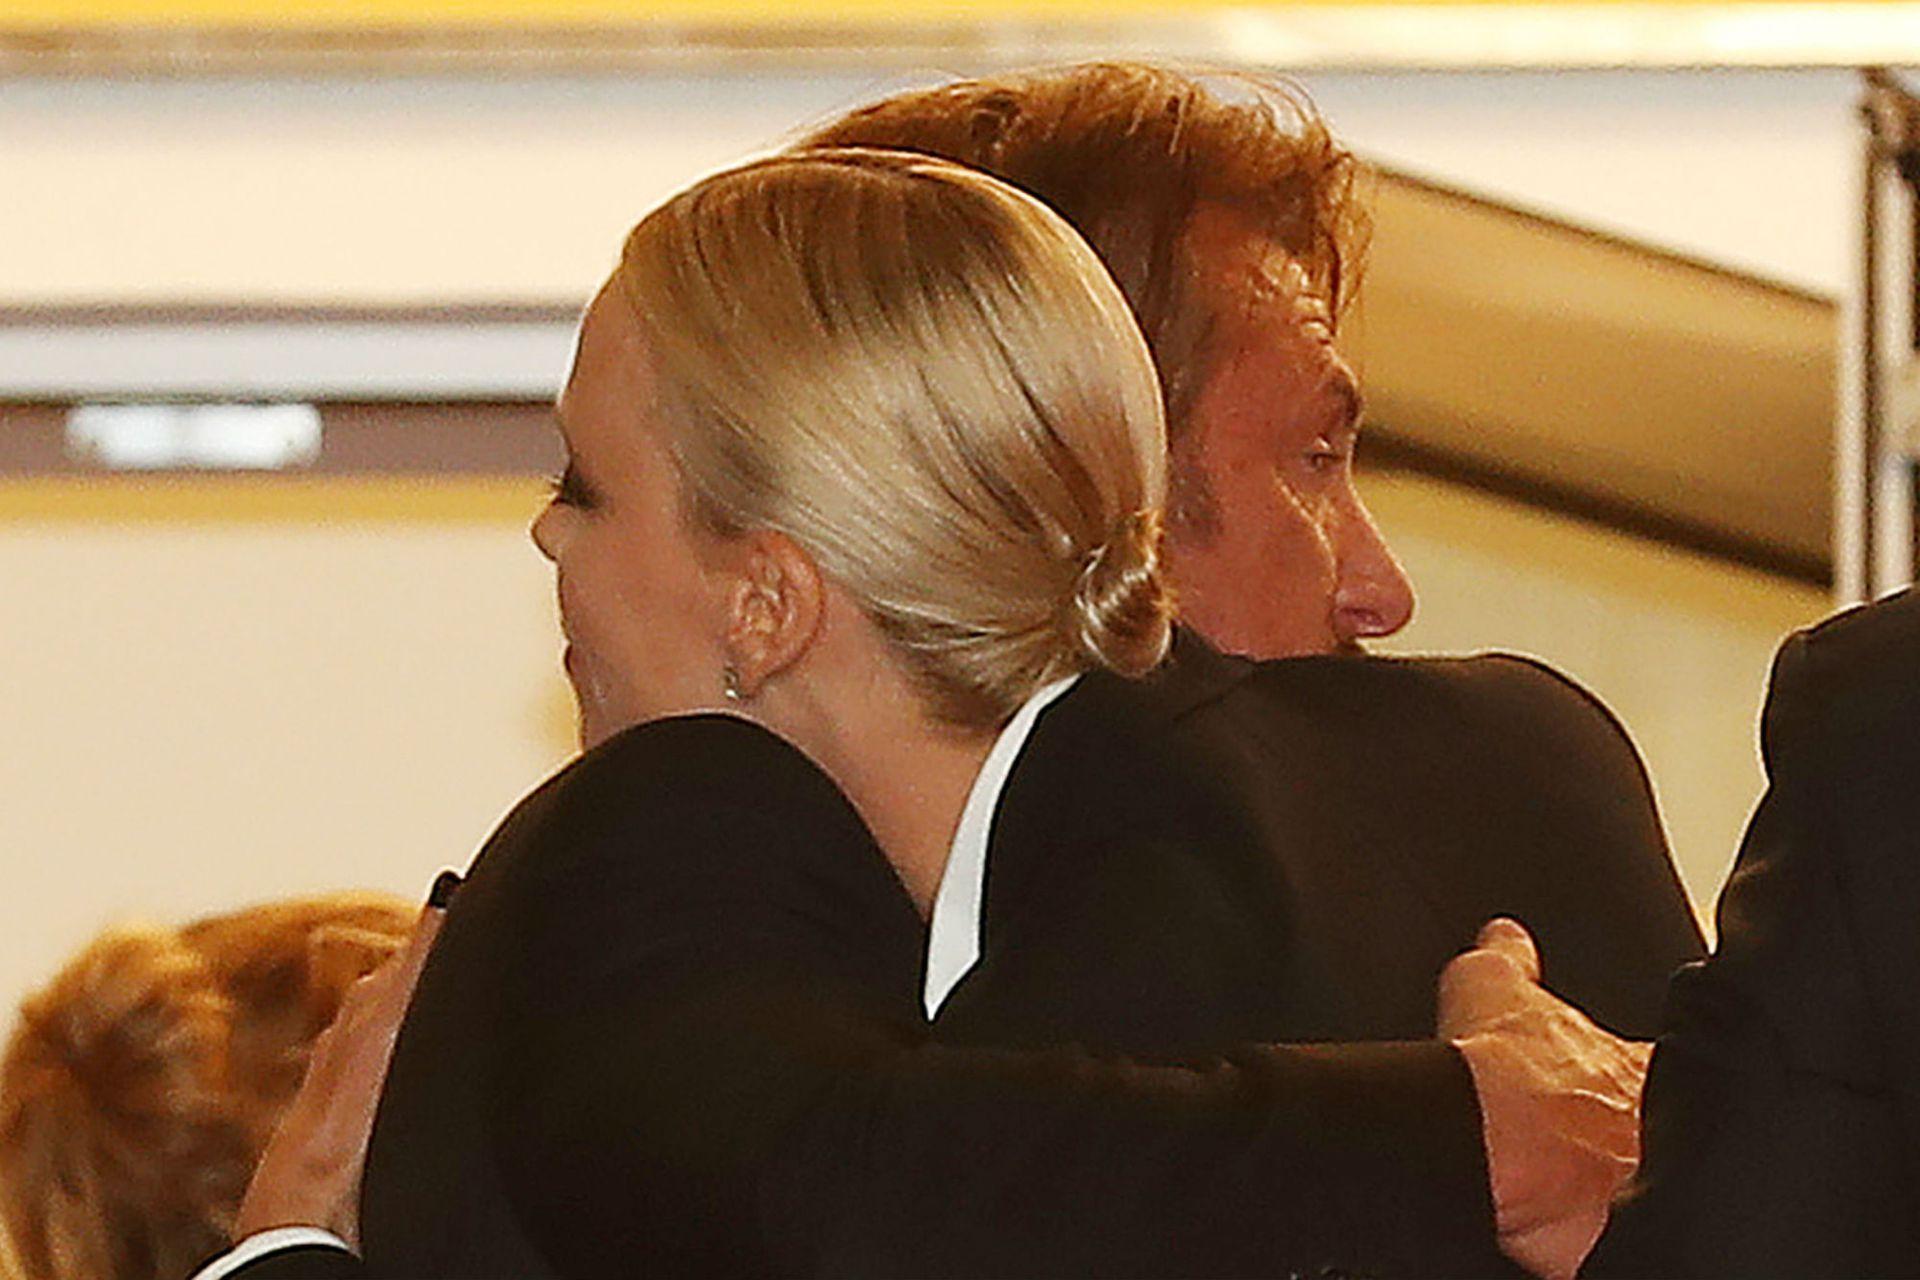 Abrazo entre Theron y Penn en la premiere de The Last Face en el festival de Cannes donde se presentó el film en 2016